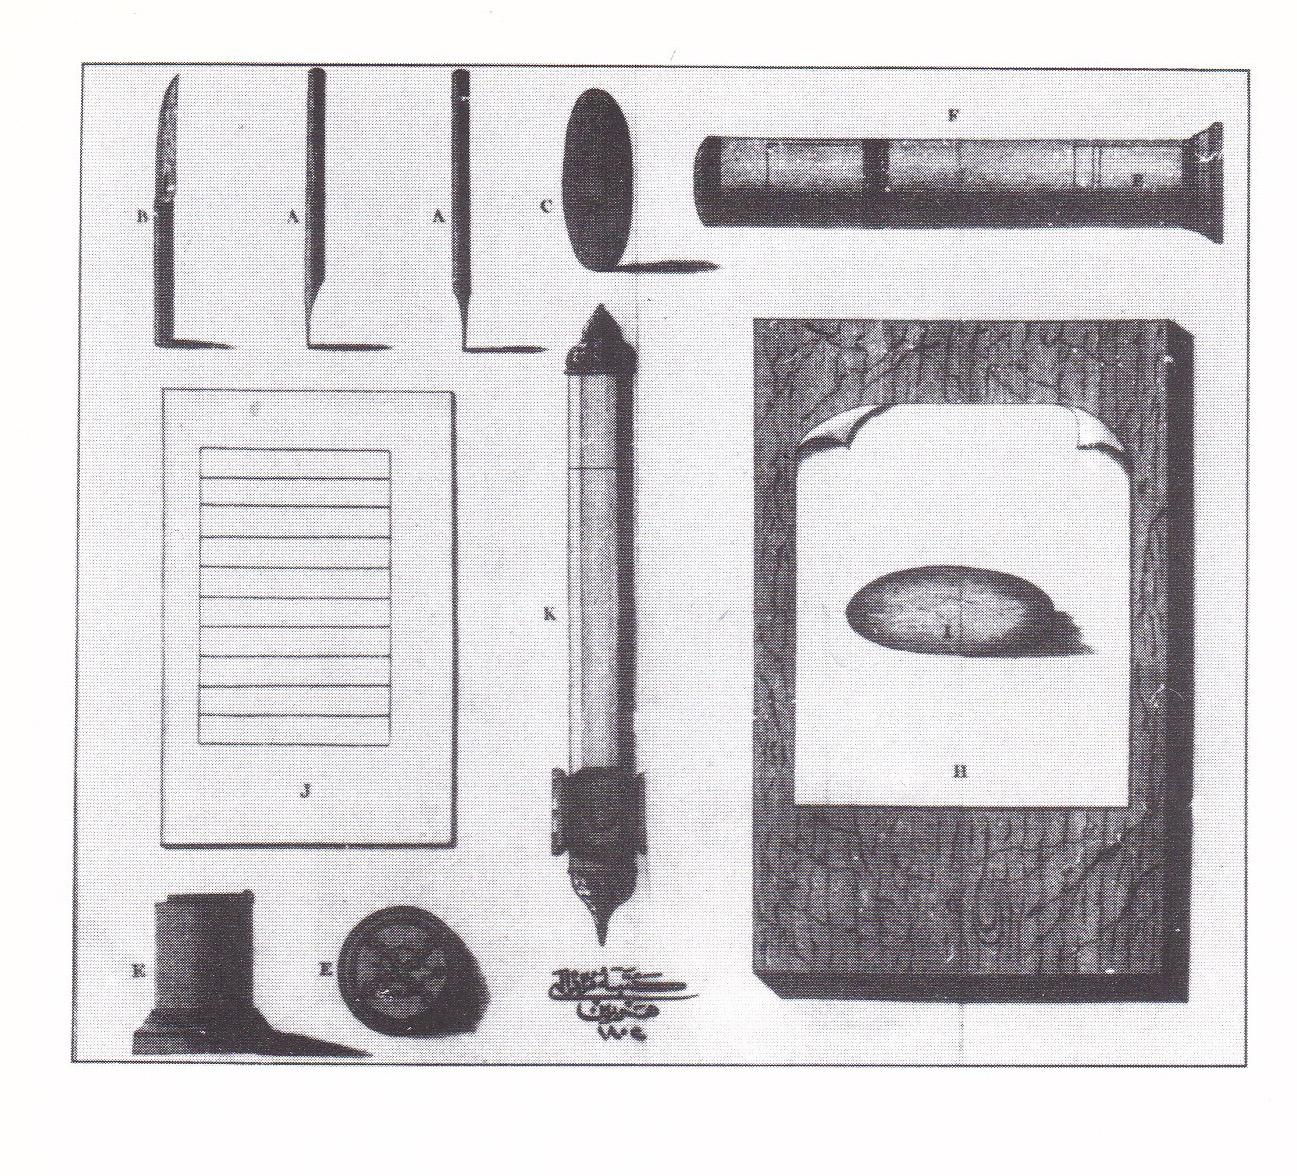 Nell'officina dello scriba. Breve storia degli strumenti per la scrittura - Parte seconda